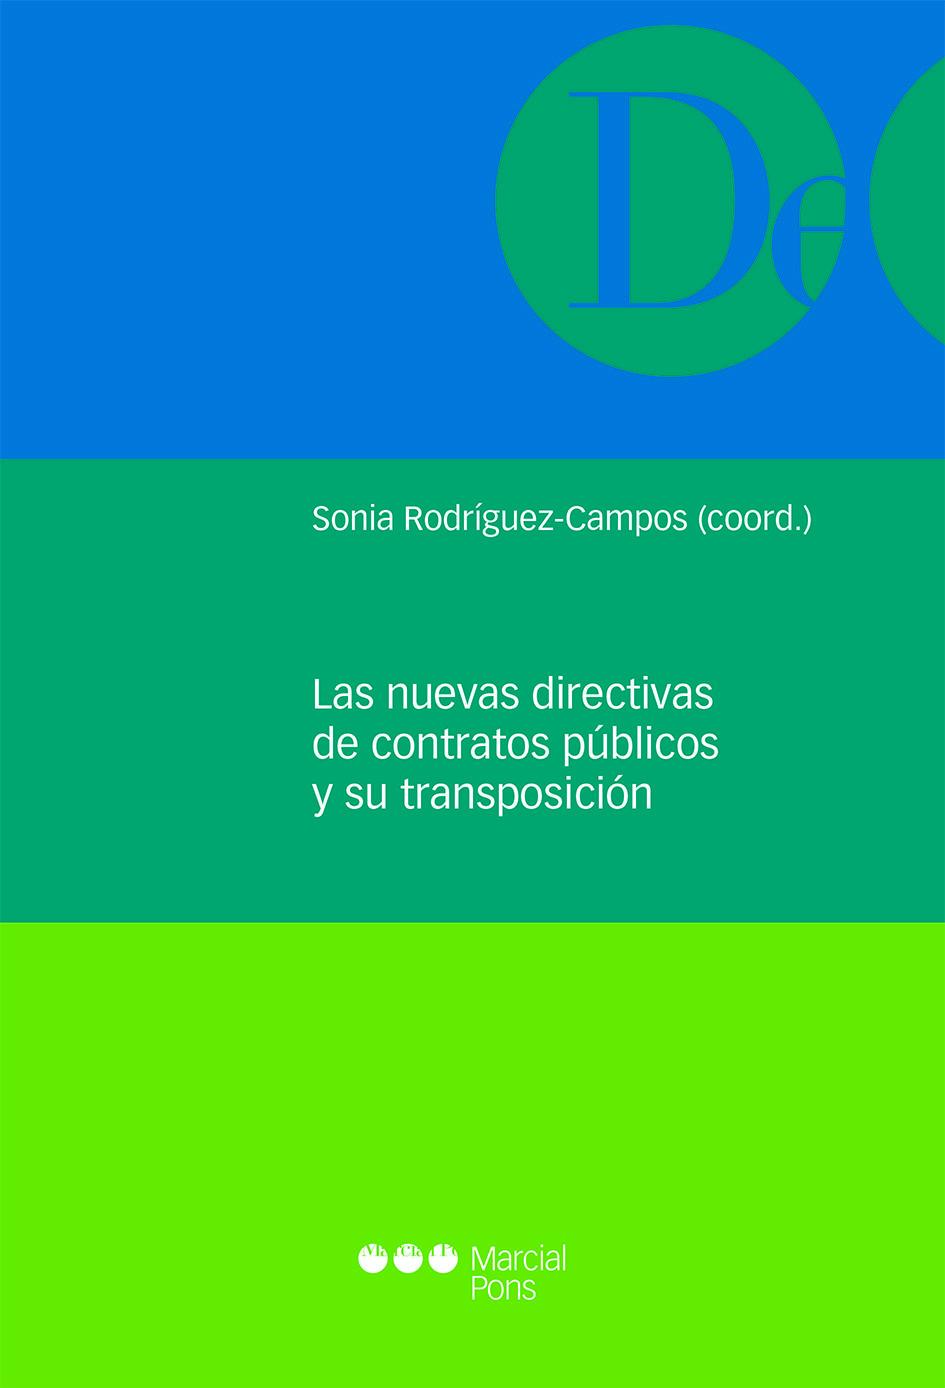 Las Nuevas directivas de contratos públicos y su transposición / Sonia Rodríguez Campos (coord.) ; [autores] José María Gimeno Feliu ... [et al.]